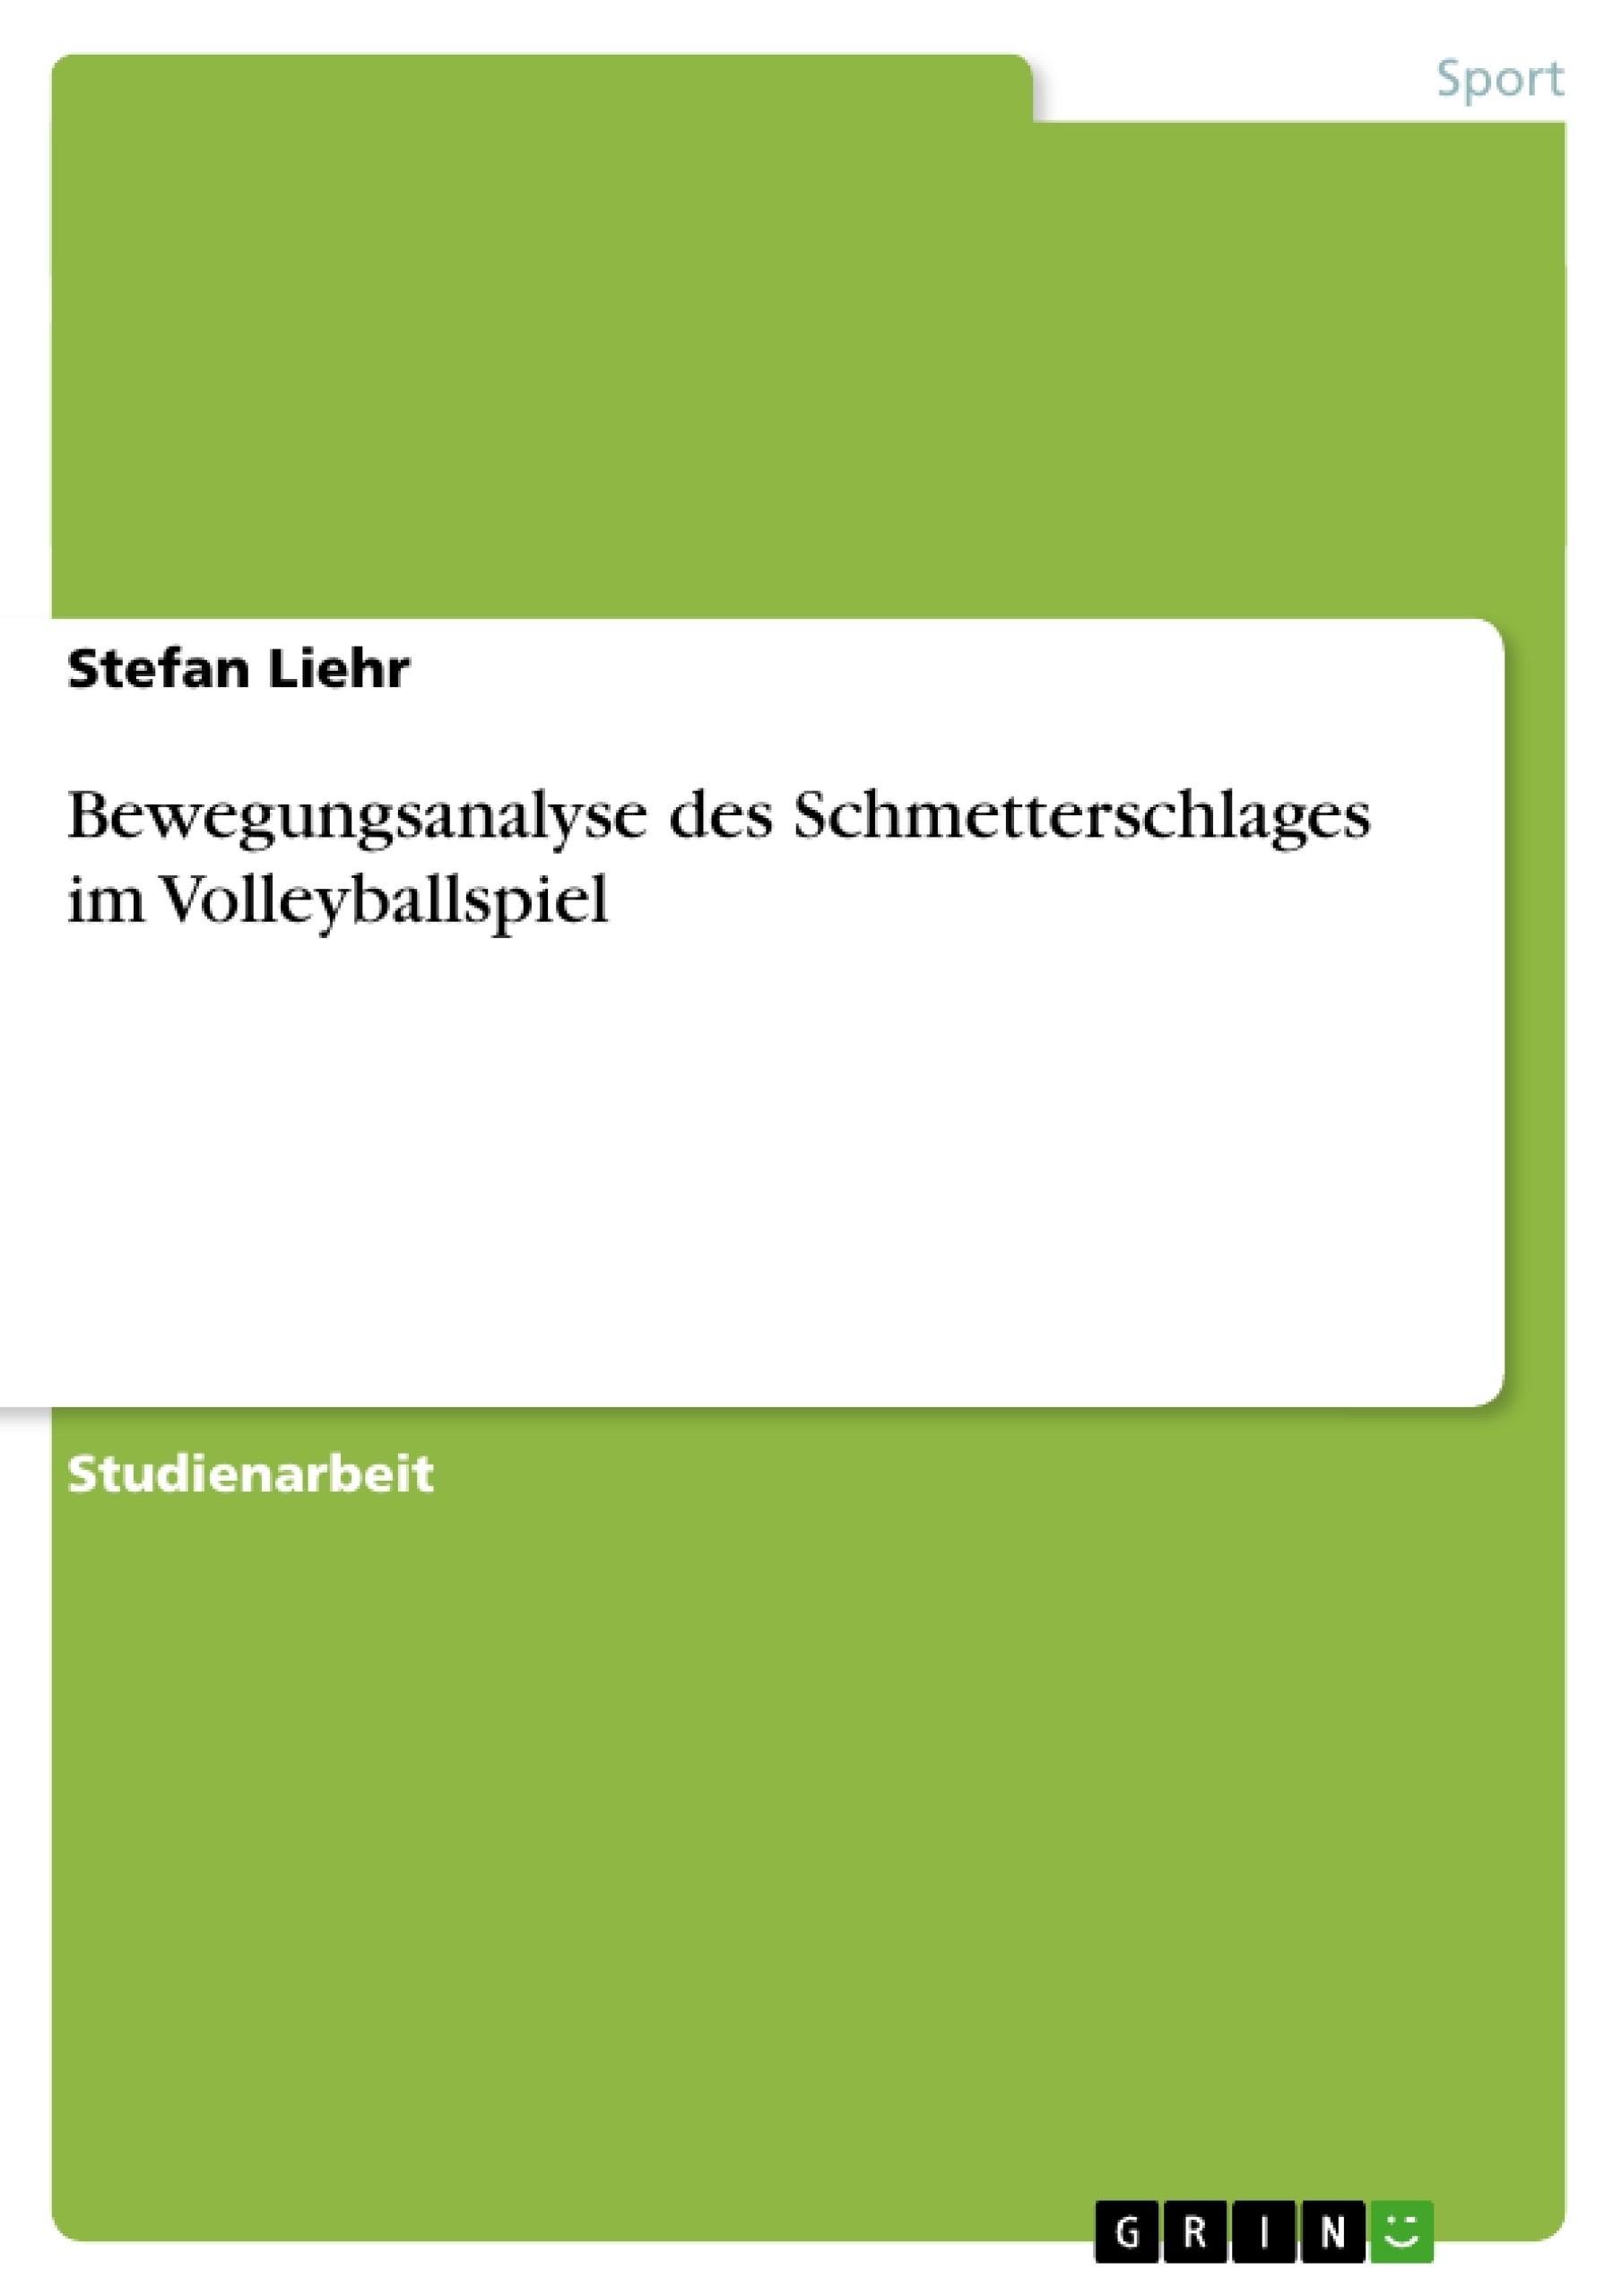 Titel: Bewegungsanalyse des Schmetterschlages im Volleyballspiel